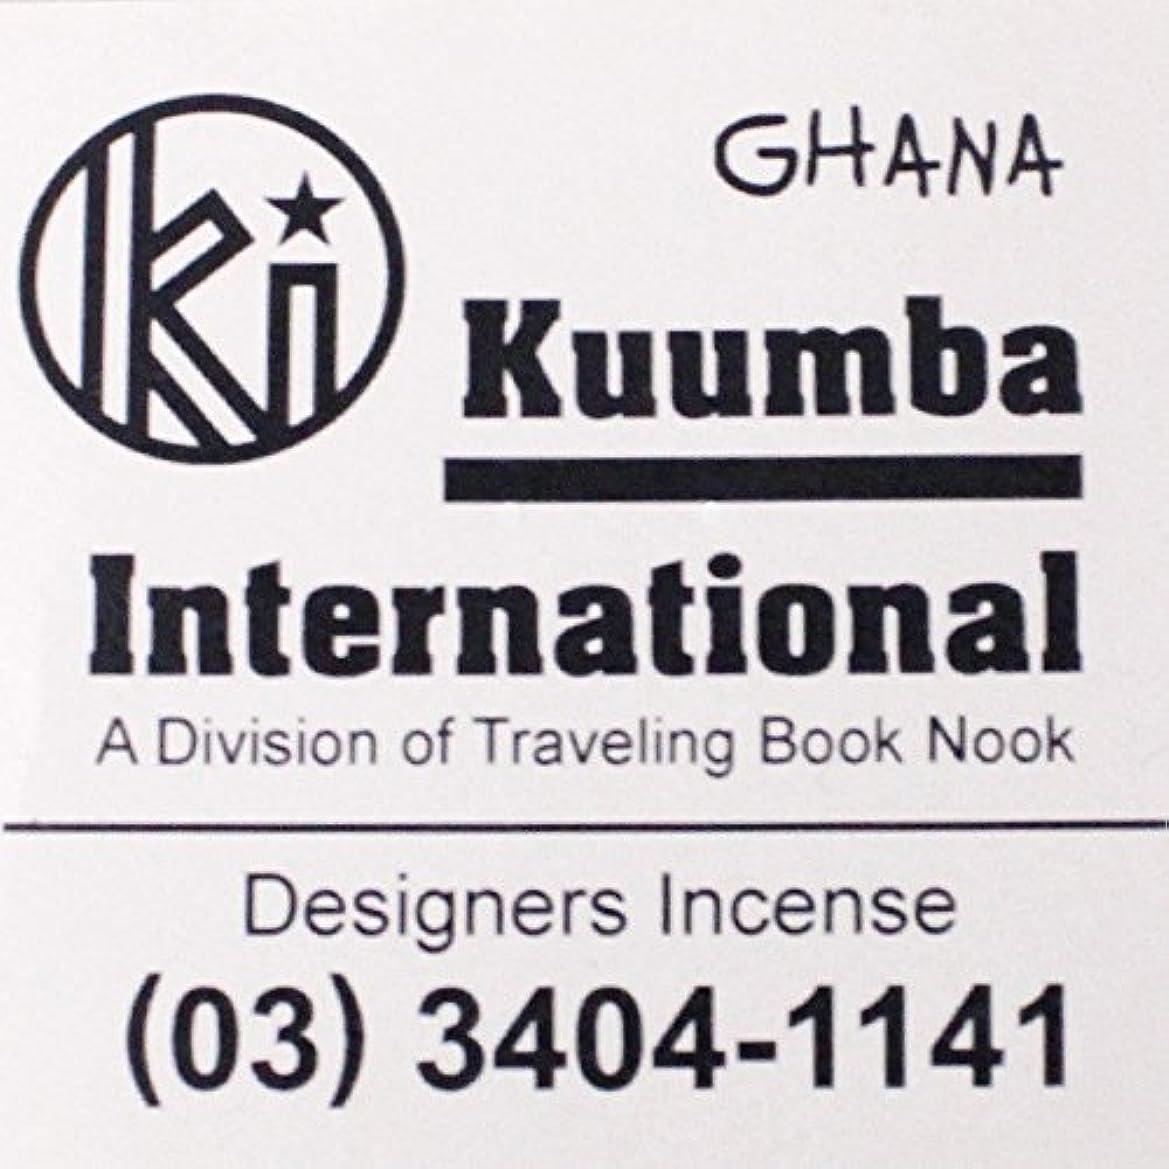 進化する軍隊昇る(クンバ) KUUMBA『incense』(GHANA) (Regular size)